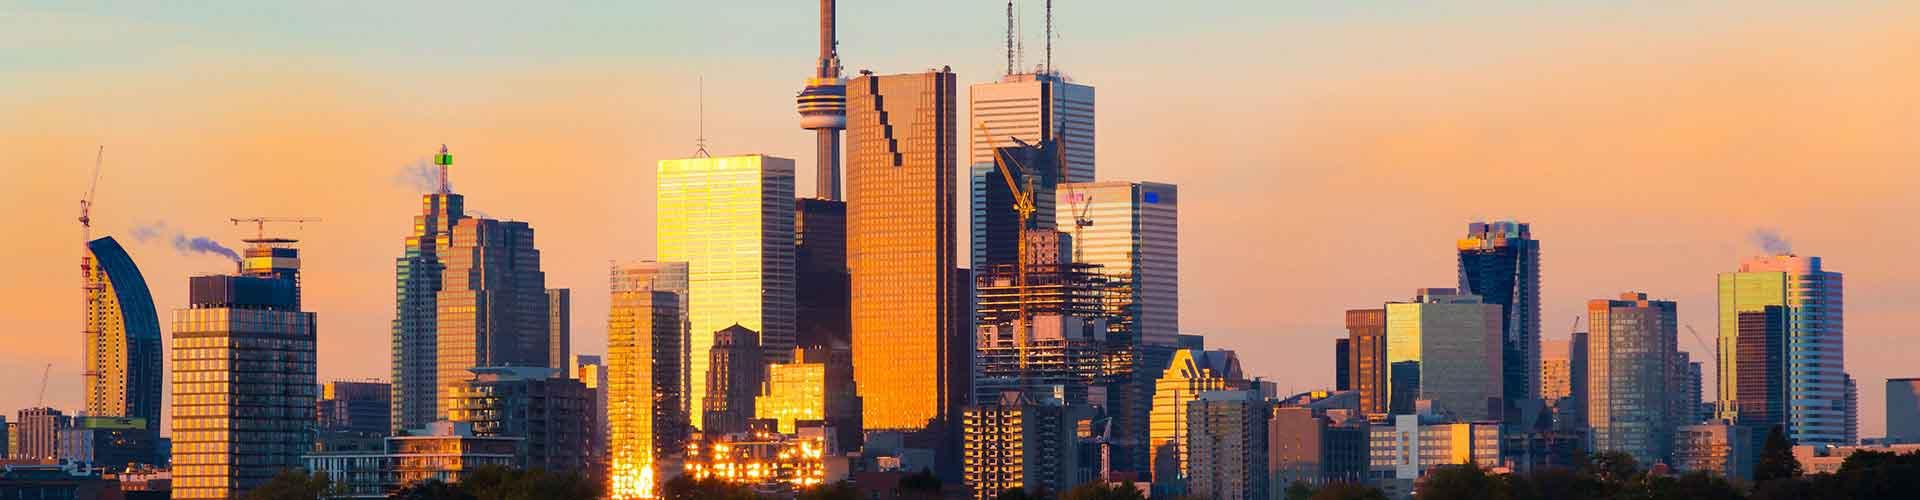 多伦多 – Downtown Toronto区的青年旅馆。多伦多 地图,多伦多 每间青年旅馆的照片和评分。